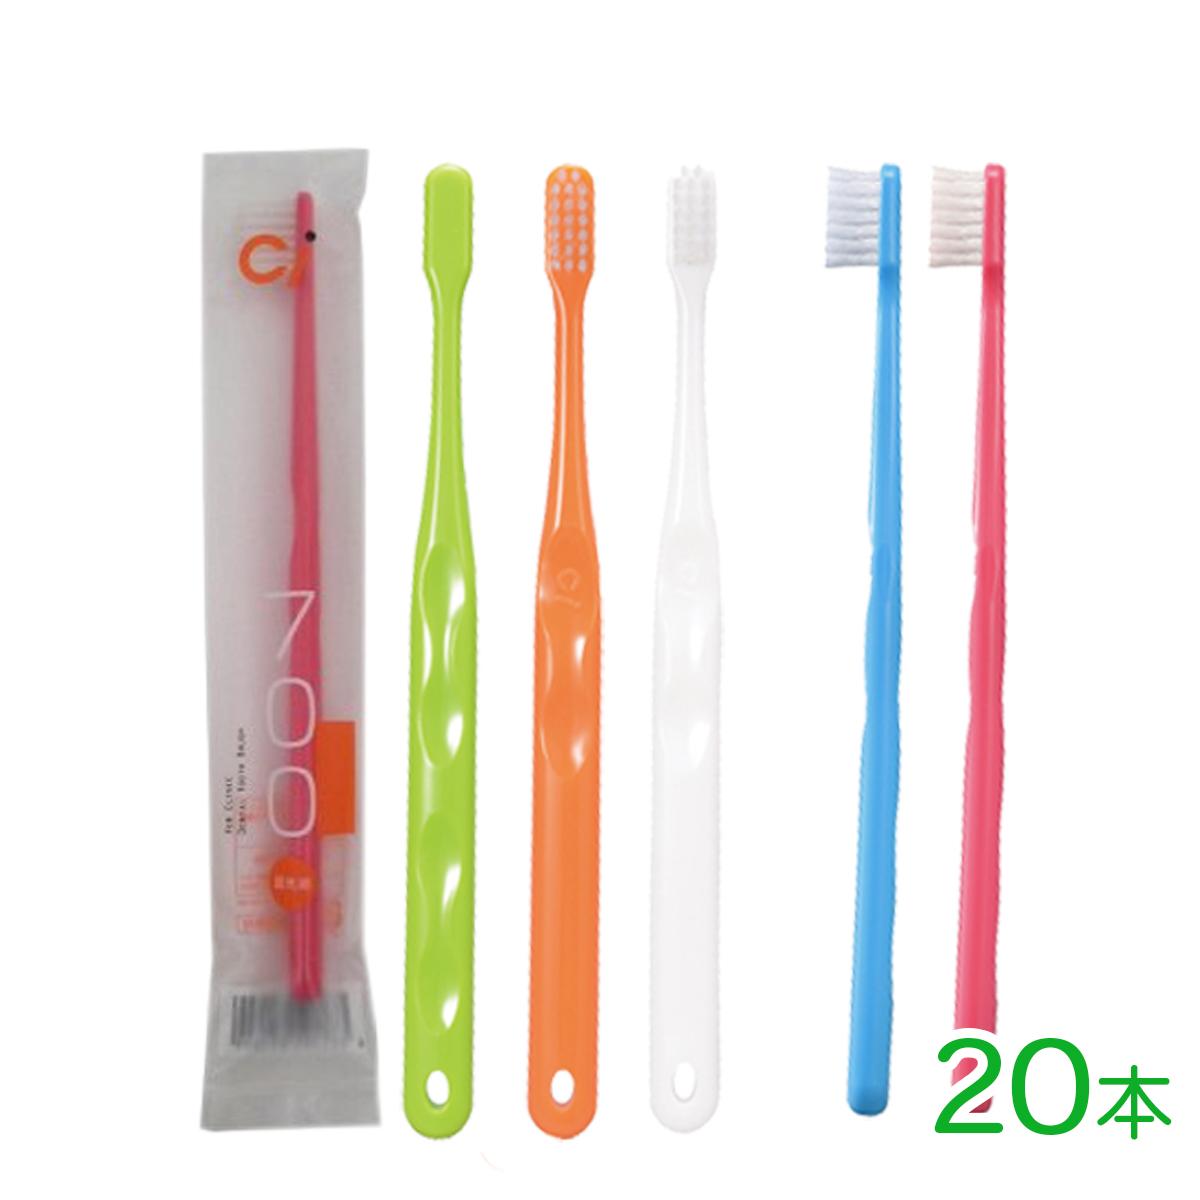 【送料無料】 Ci700 (超先細+ラウンド毛) 歯ブラシ×20本 ハブラシ/歯ブラシ 歯科専売品 【Ci】